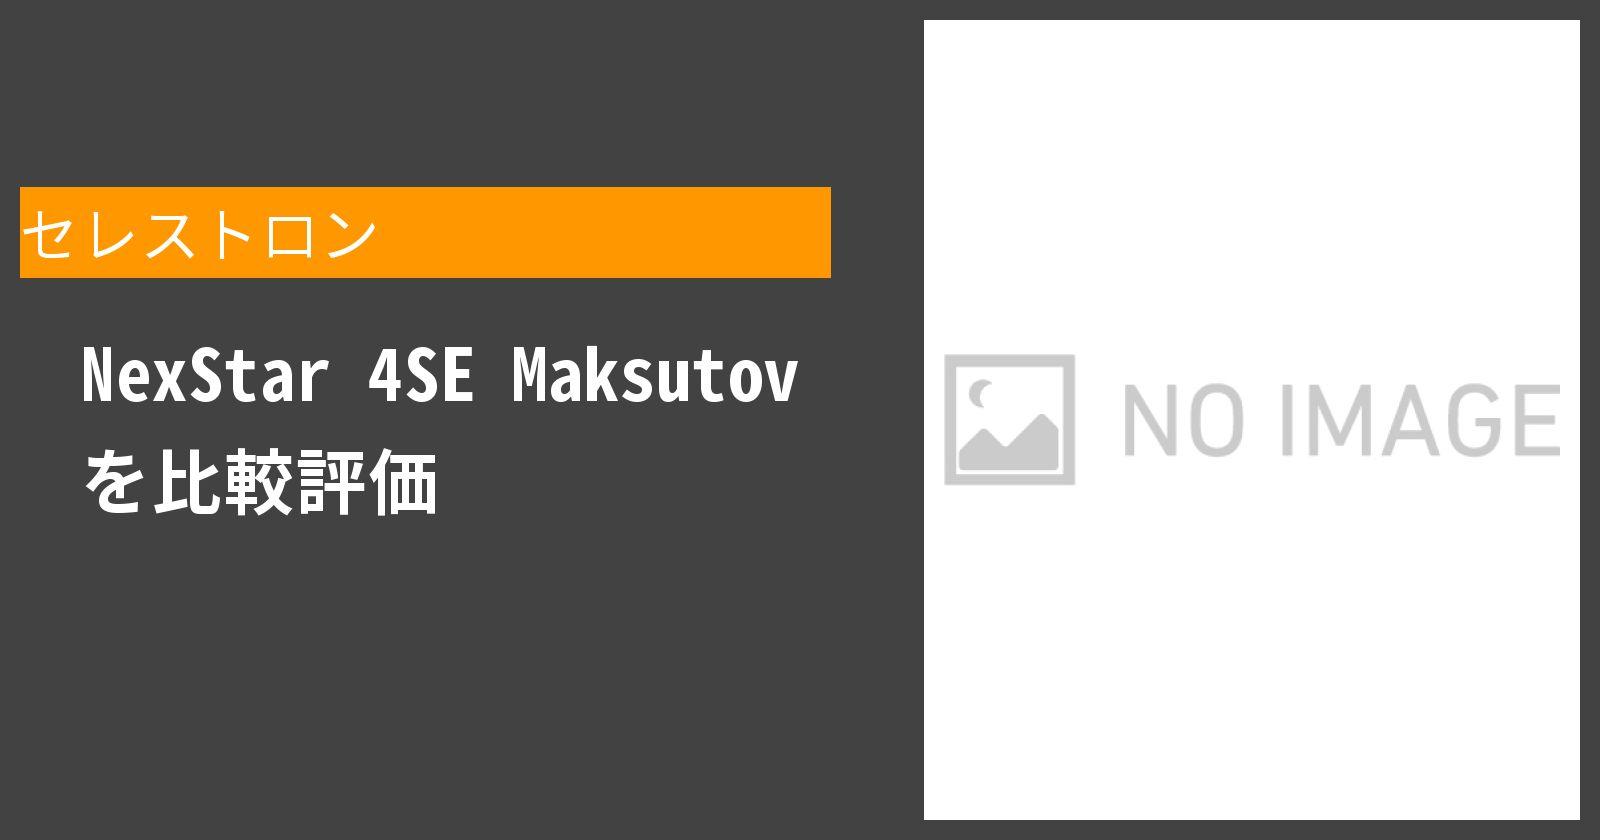 NexStar 4SE Maksutovを徹底評価